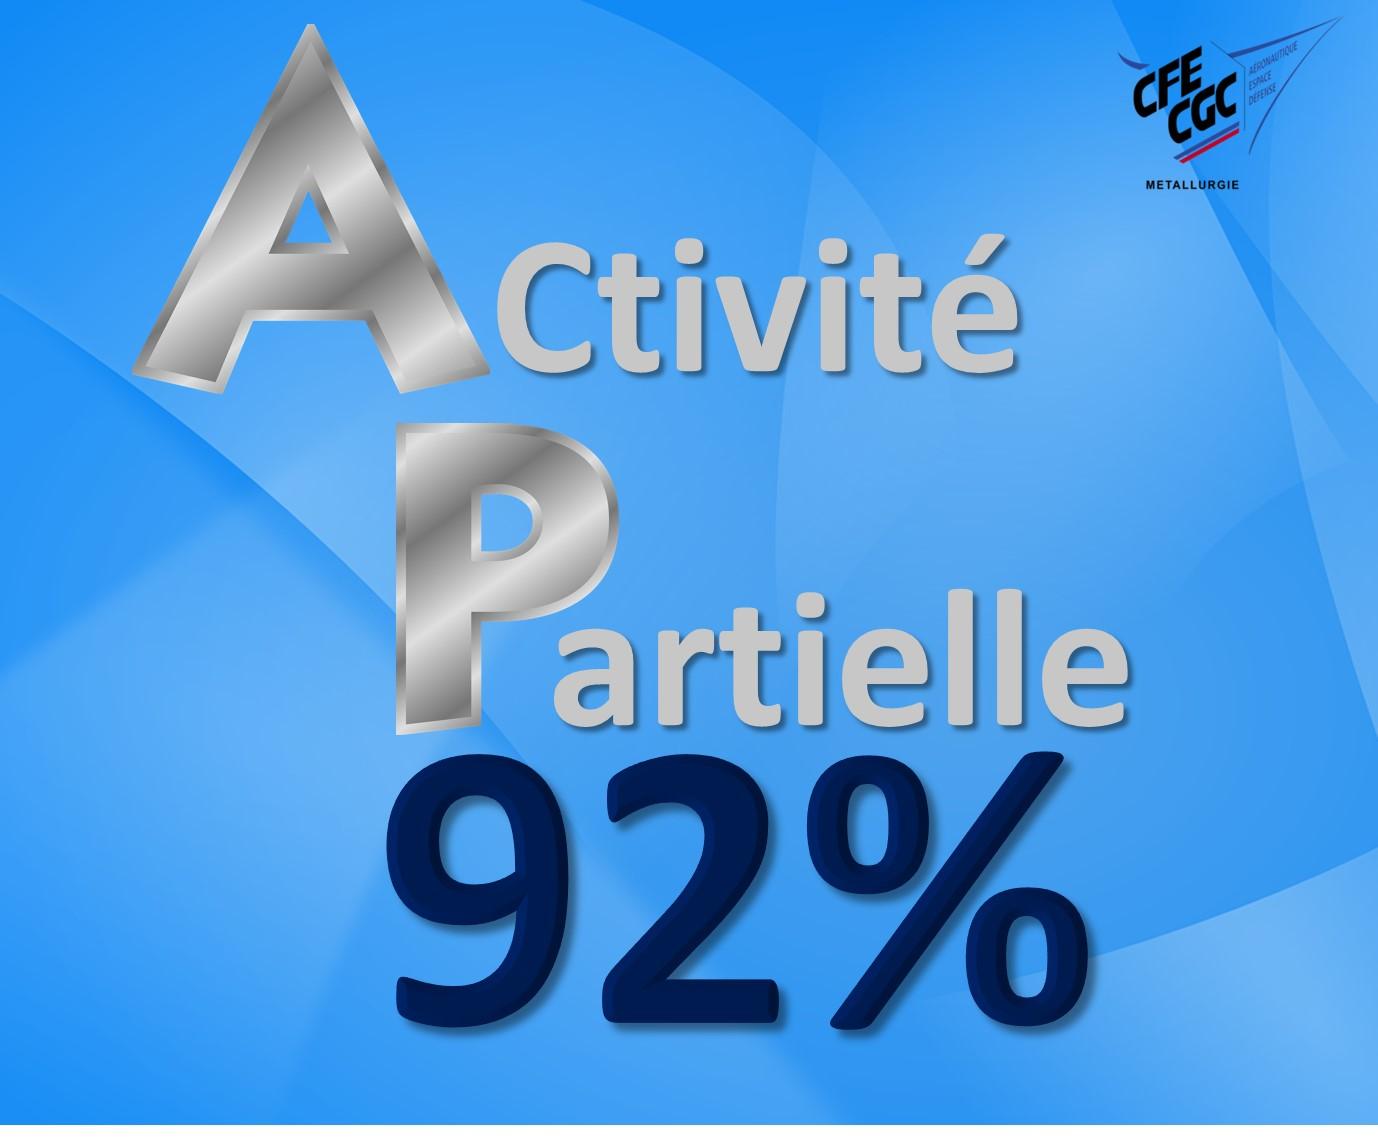 Activité Partielle